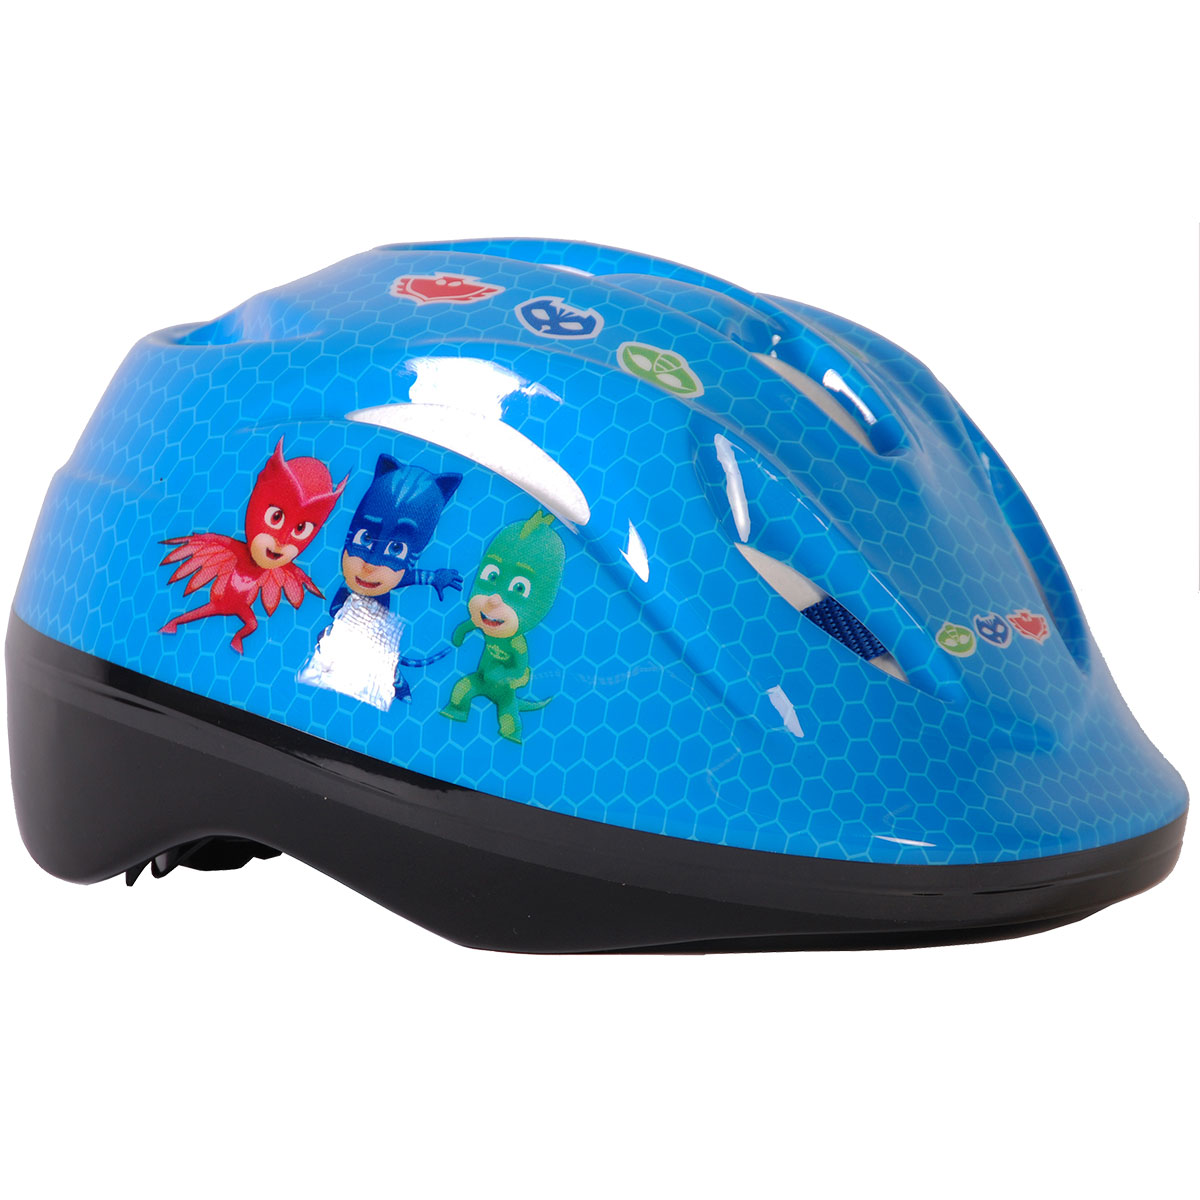 Cykelhjelm til børn - PJ Masks